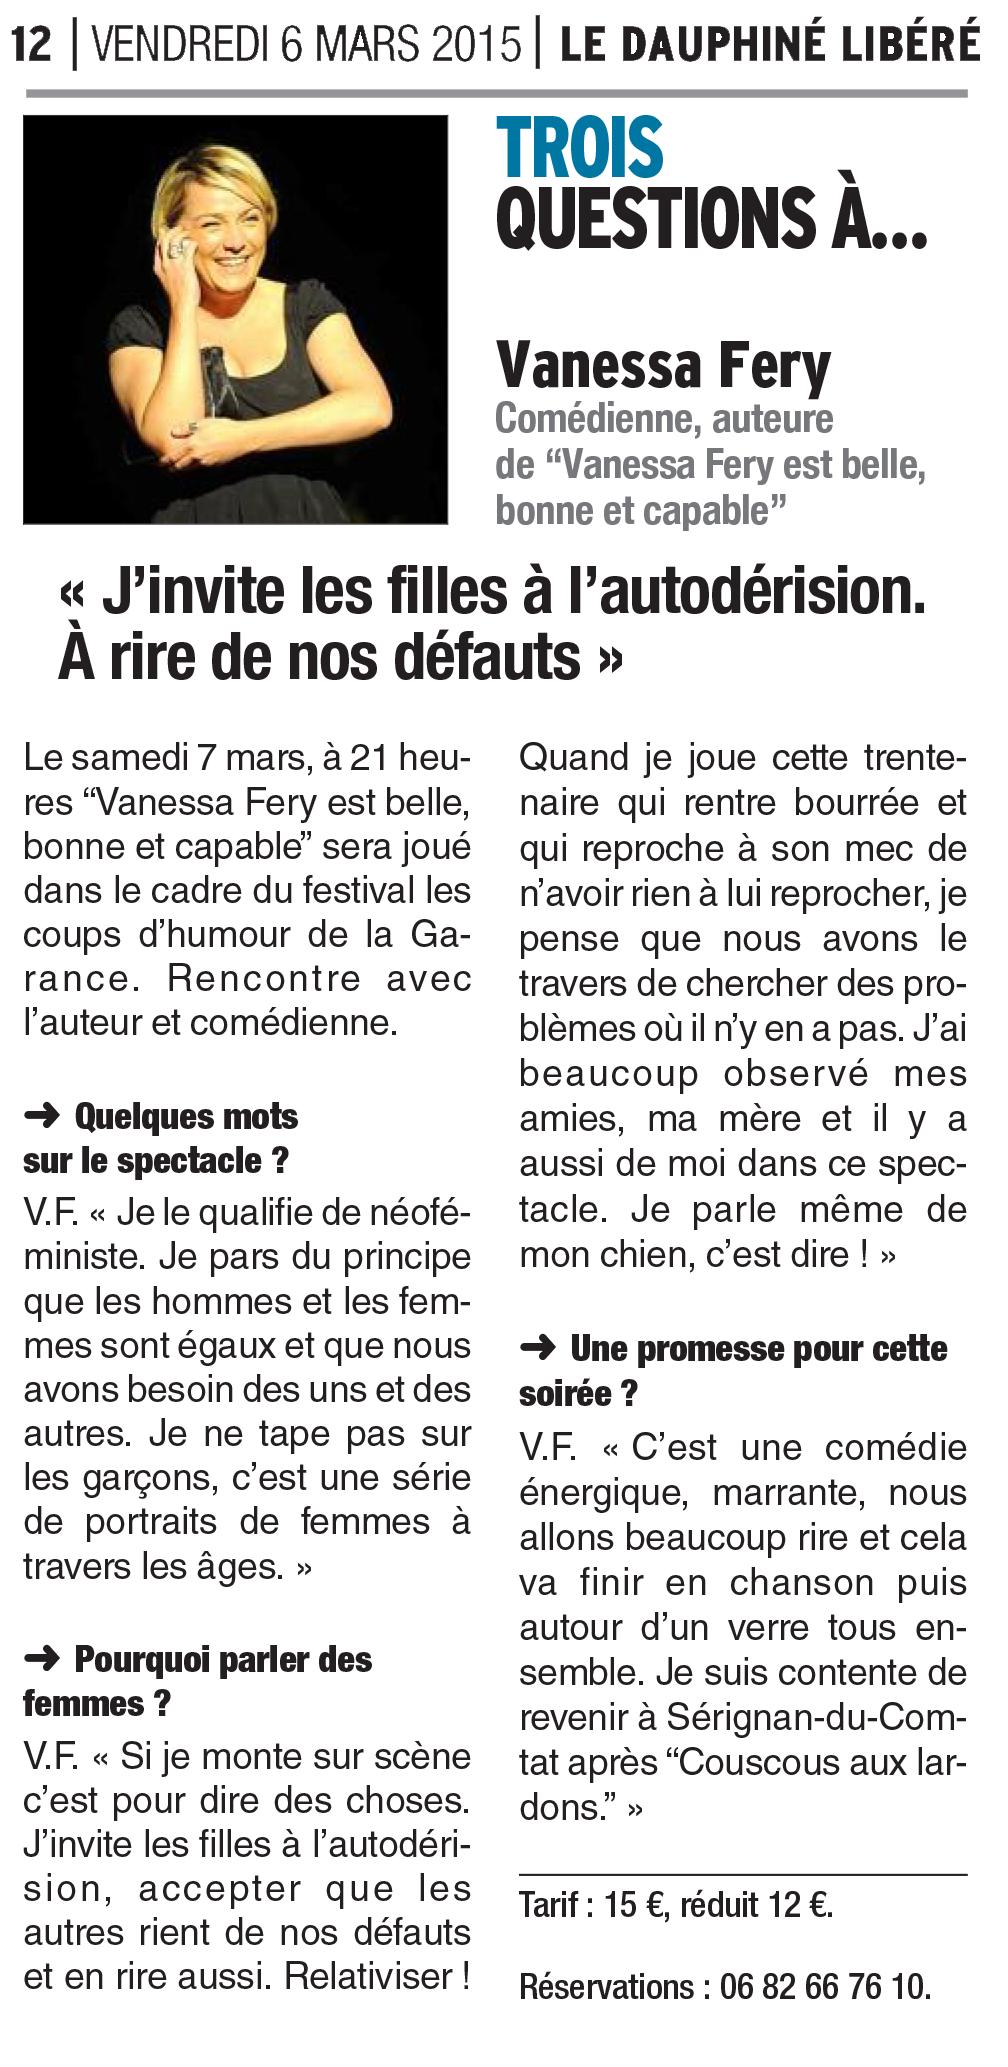 PDF-Page_12-edition-du-haut-vaucluse_20150306